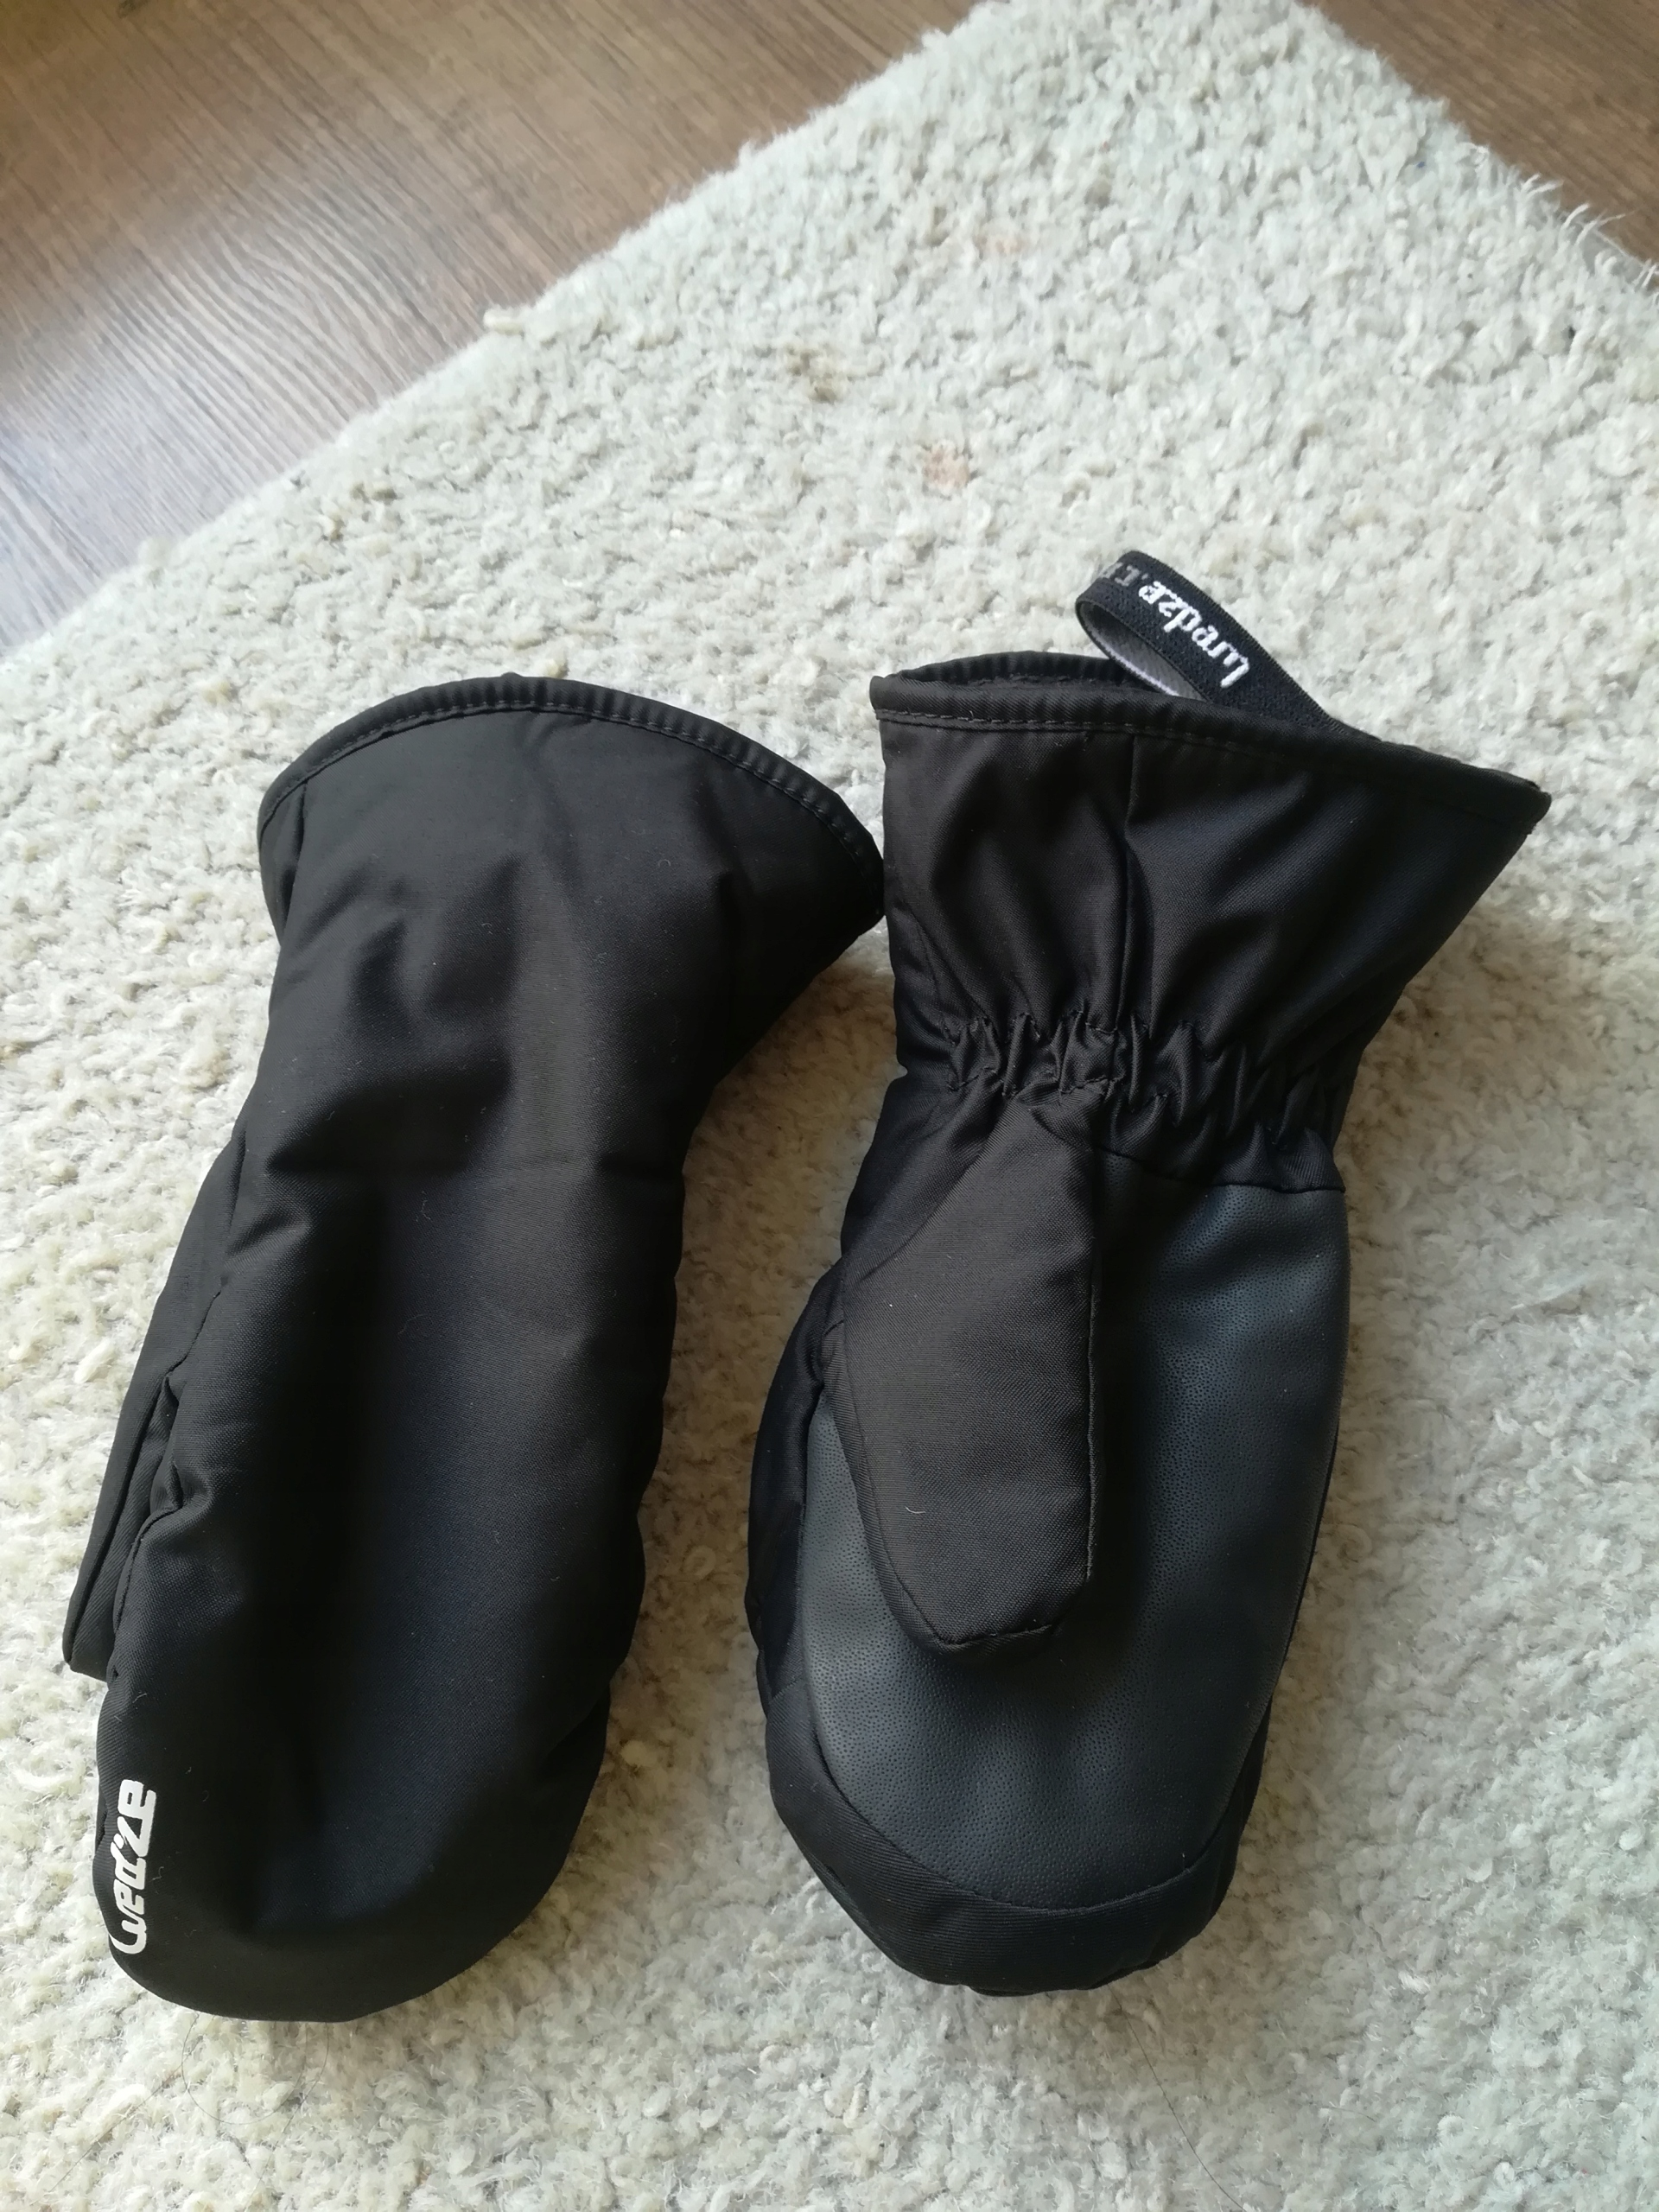 Rękawiczki Wedz'e lub 4F